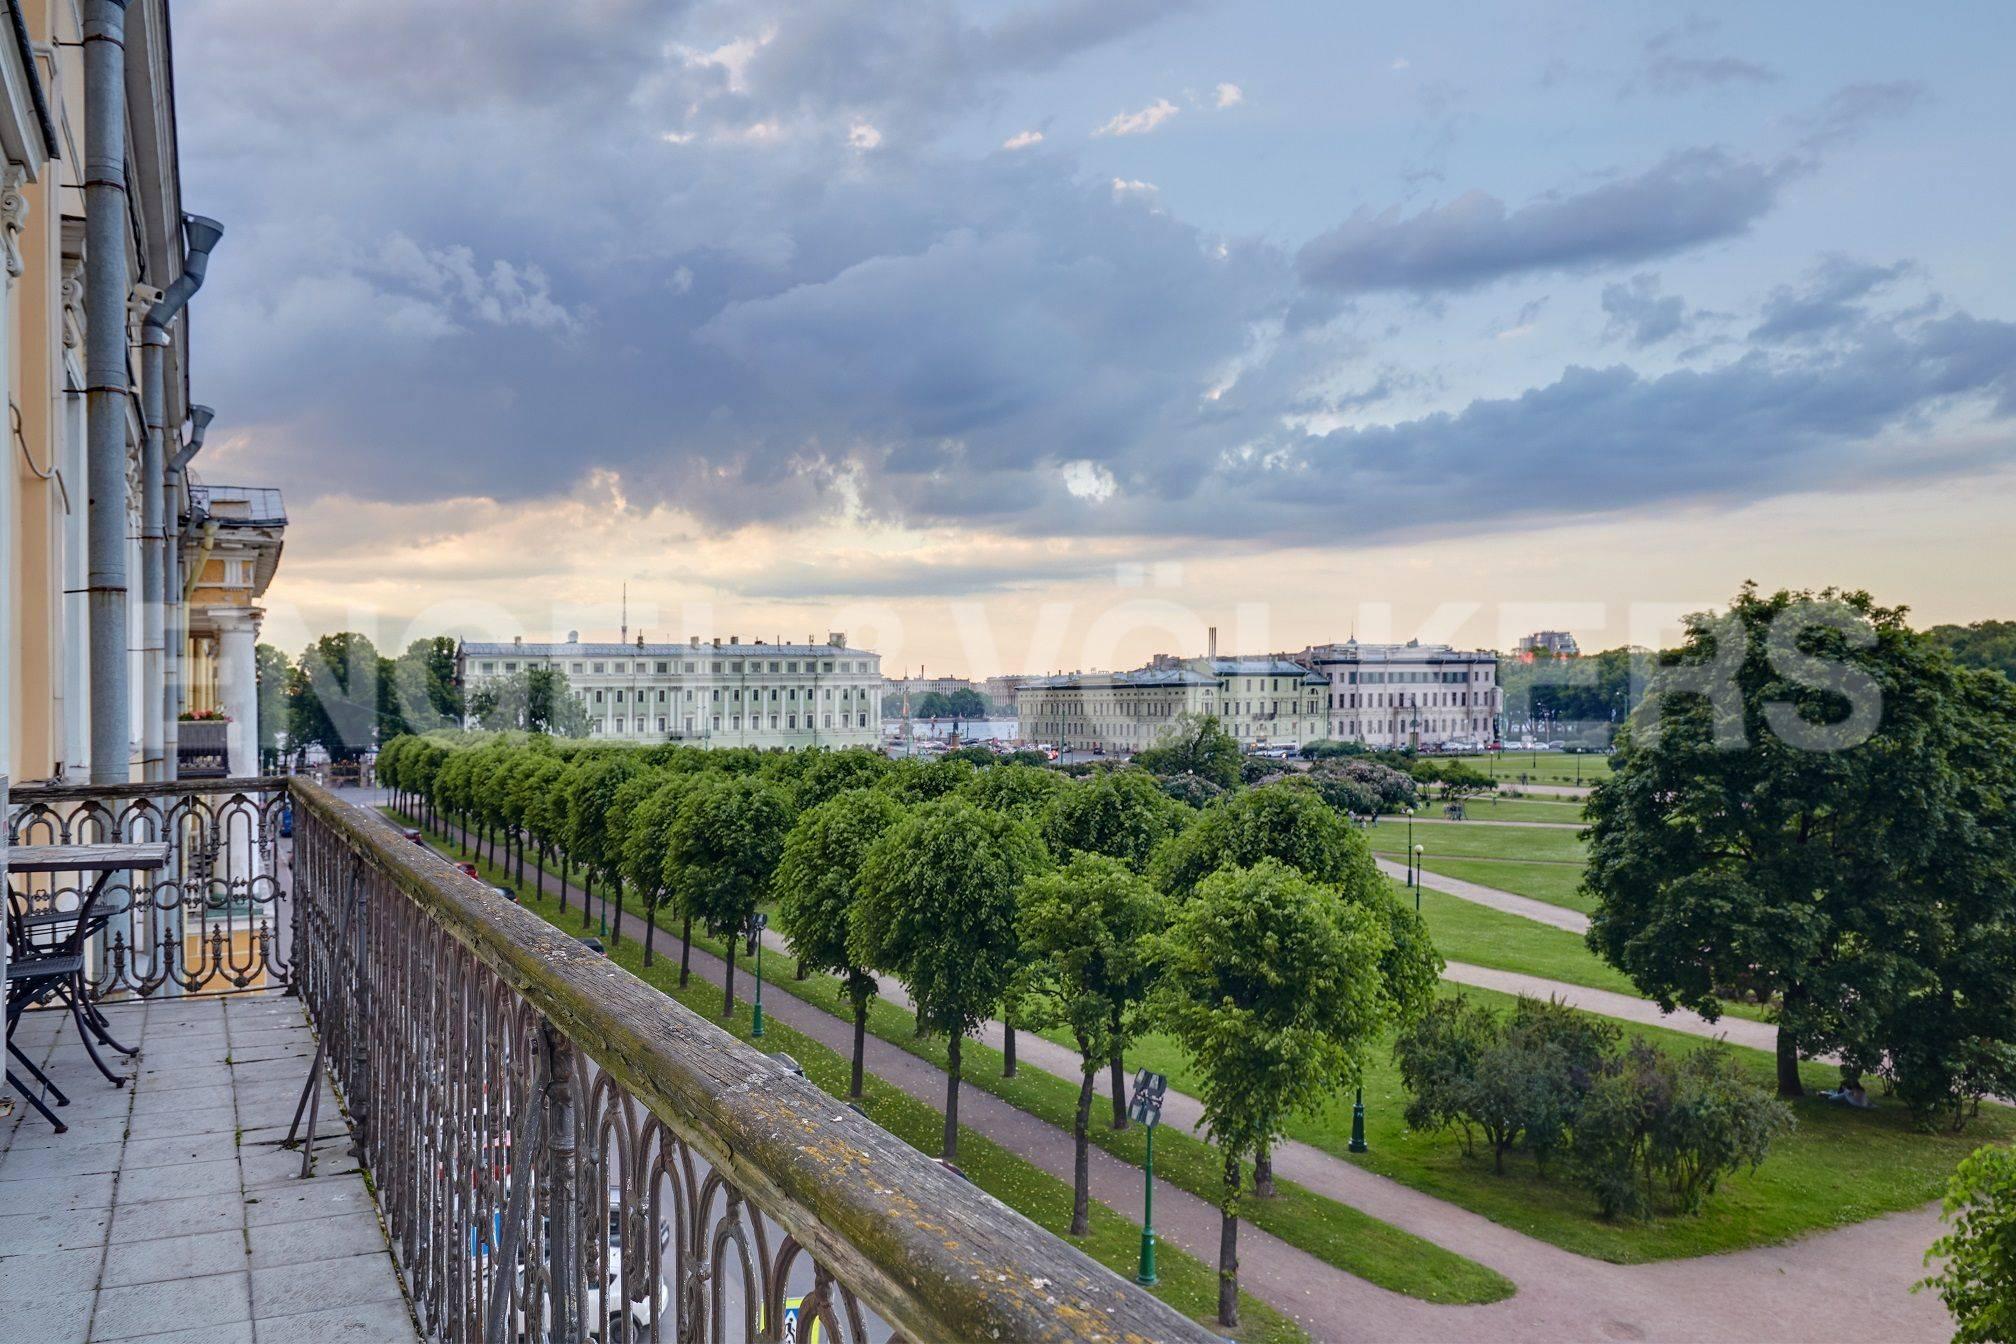 Элитные квартиры в Центральный р-н. Санкт-Петербург, Марсово поле, 3. Панорамный вид с фасадного балкона в сторону Суворовской площади